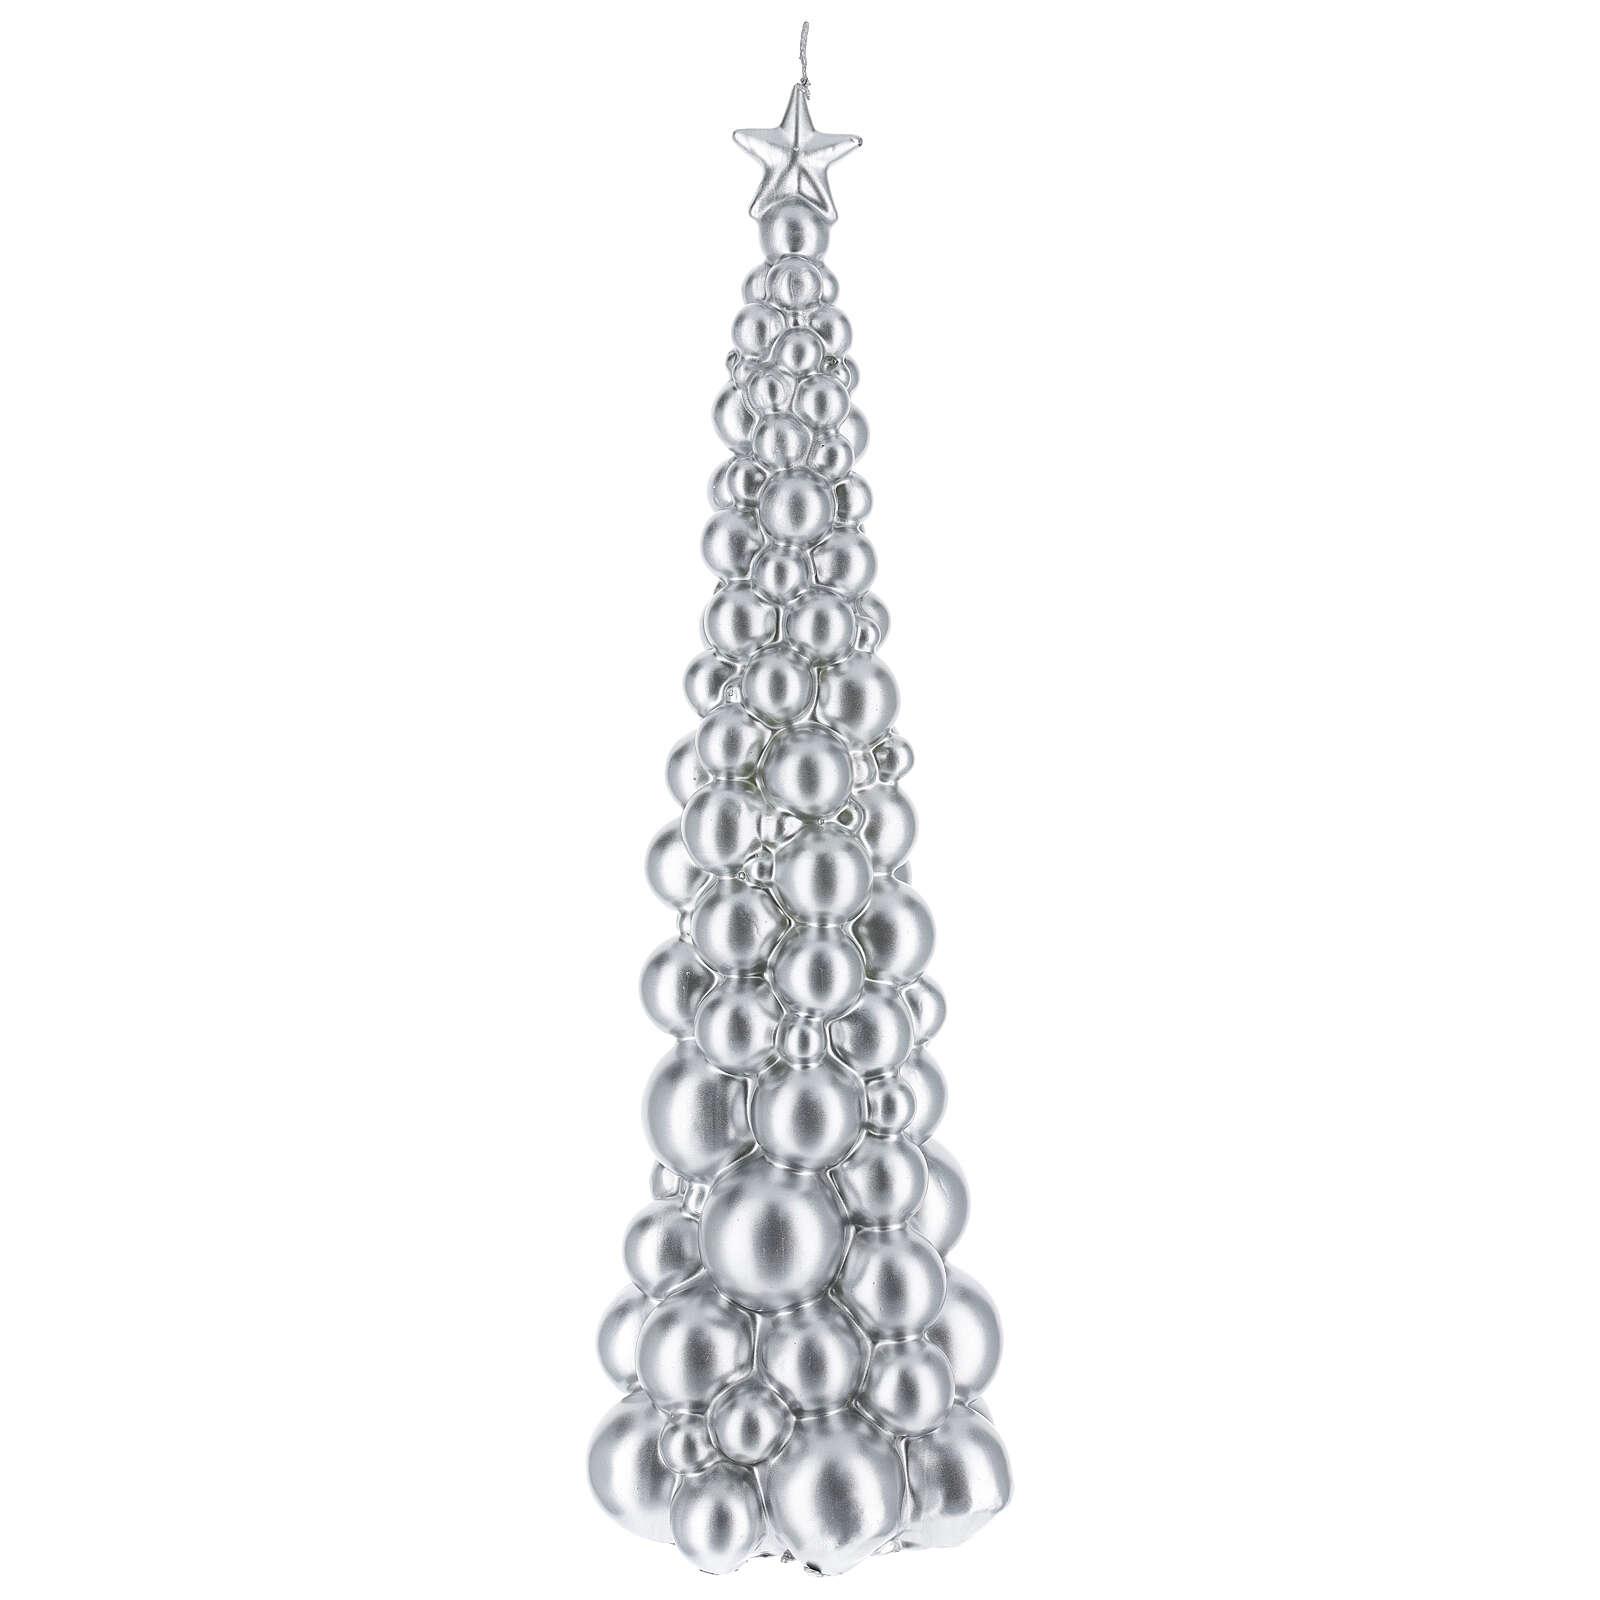 Vela de Natal árvore prateada modelo Moscovo 47 cm 3